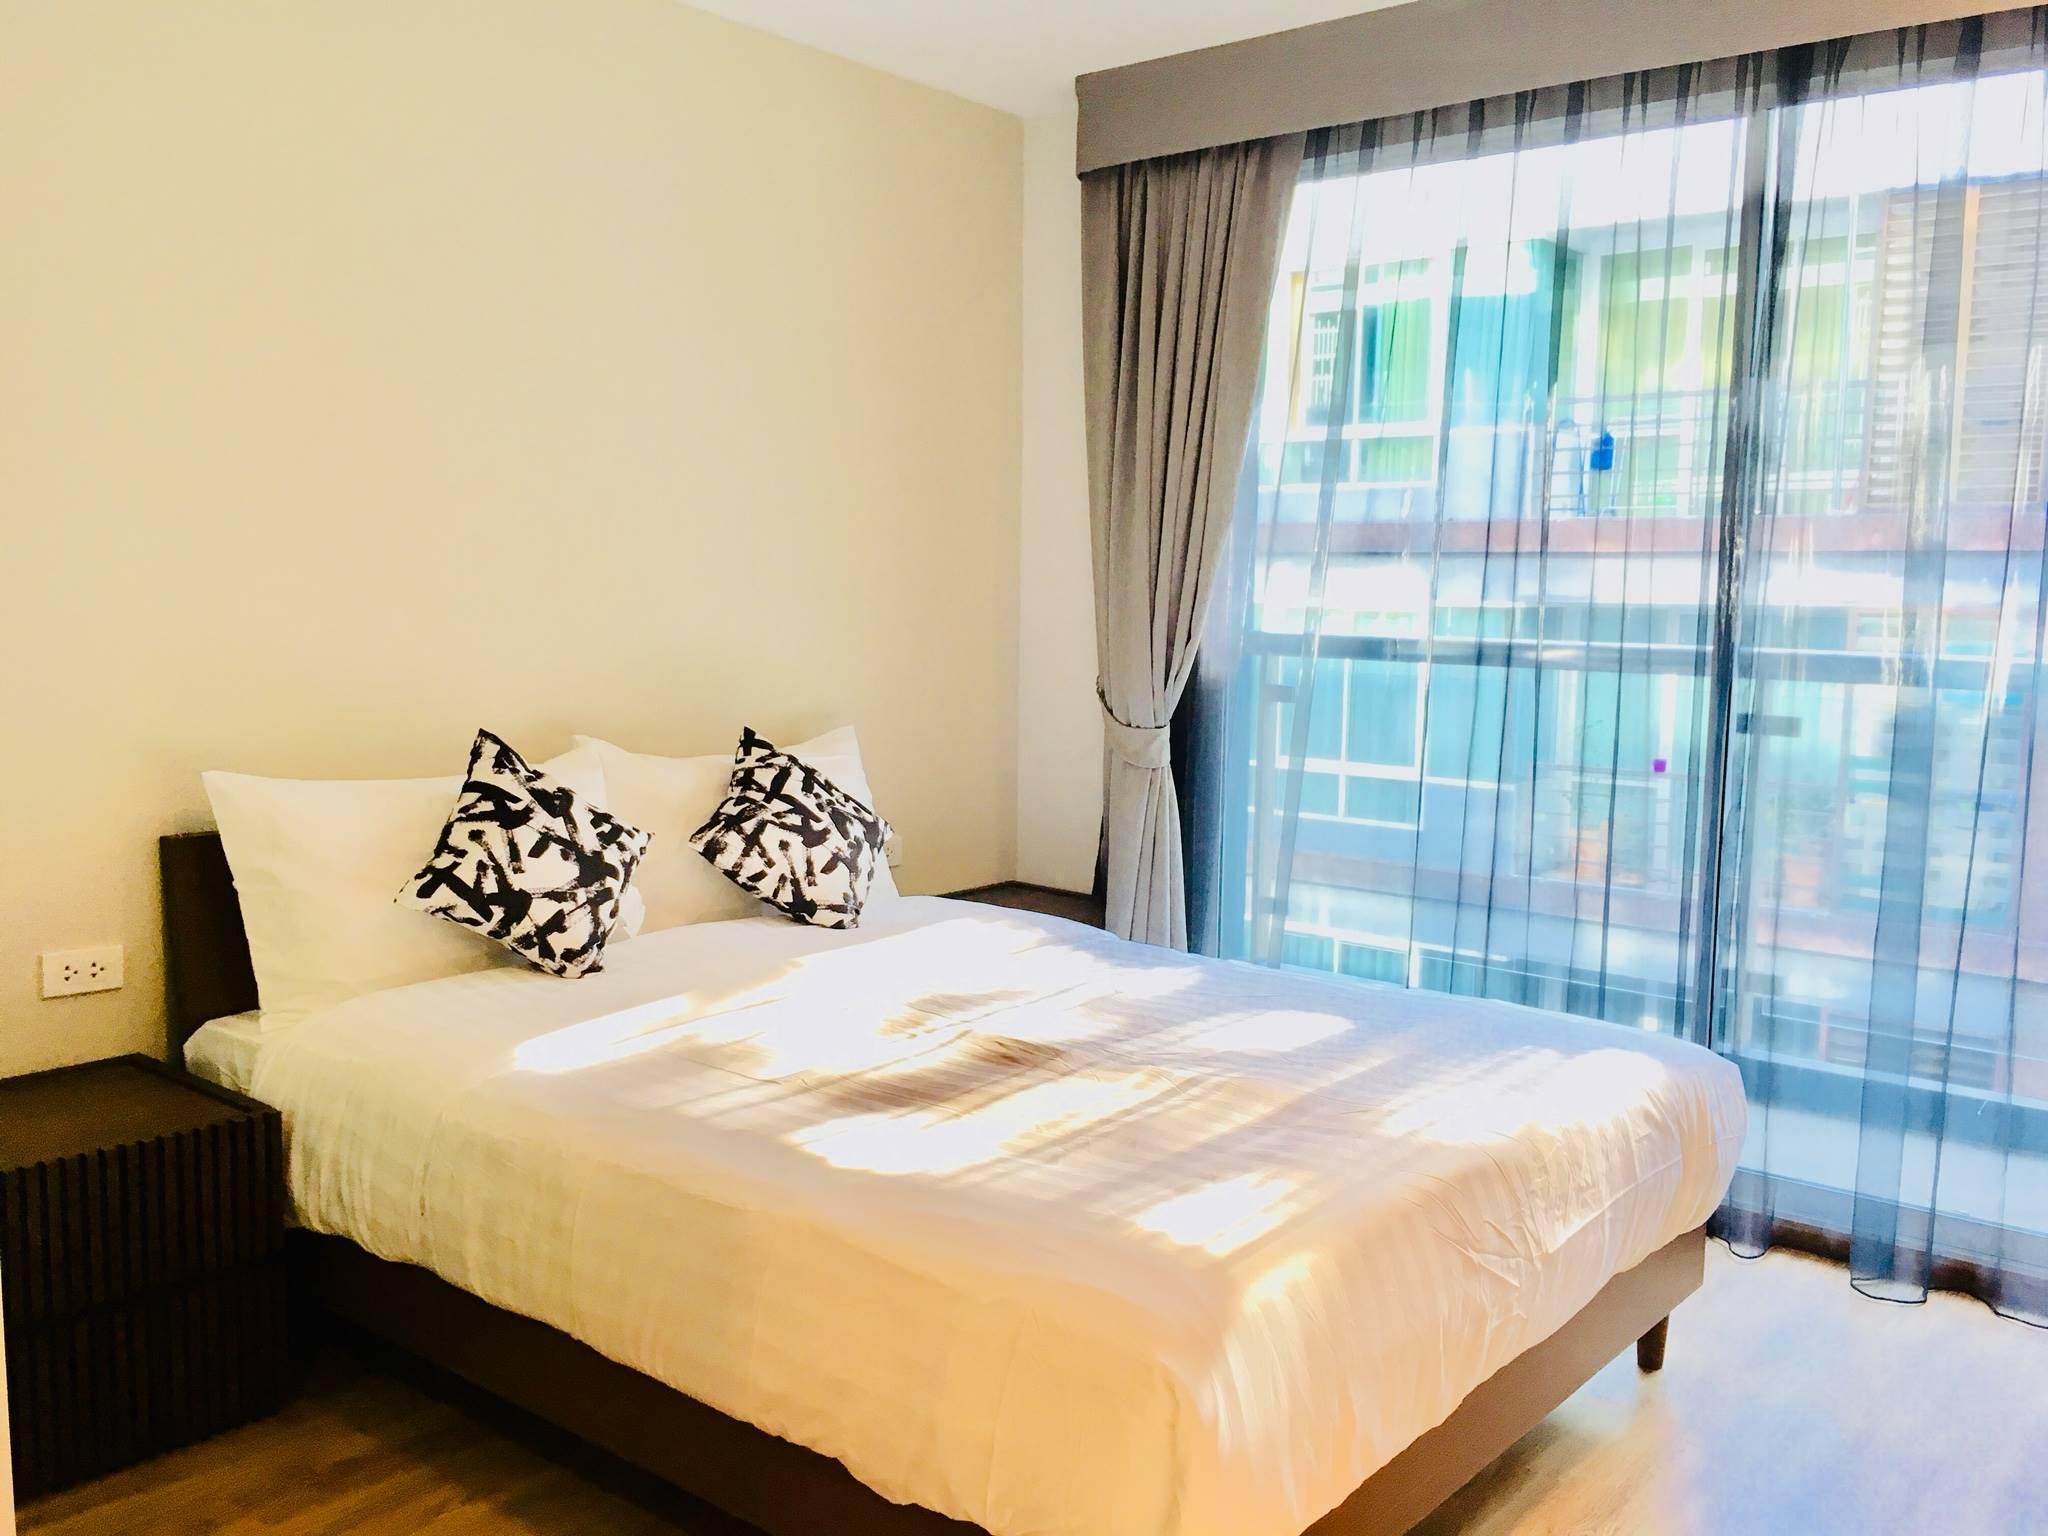 Comfy Big Bedroom, Near BTS Punnawithi-22- สตูดิโอ อพาร์ตเมนต์ 1 ห้องน้ำส่วนตัว ขนาด 35 ตร.ม. – สุขุมวิท